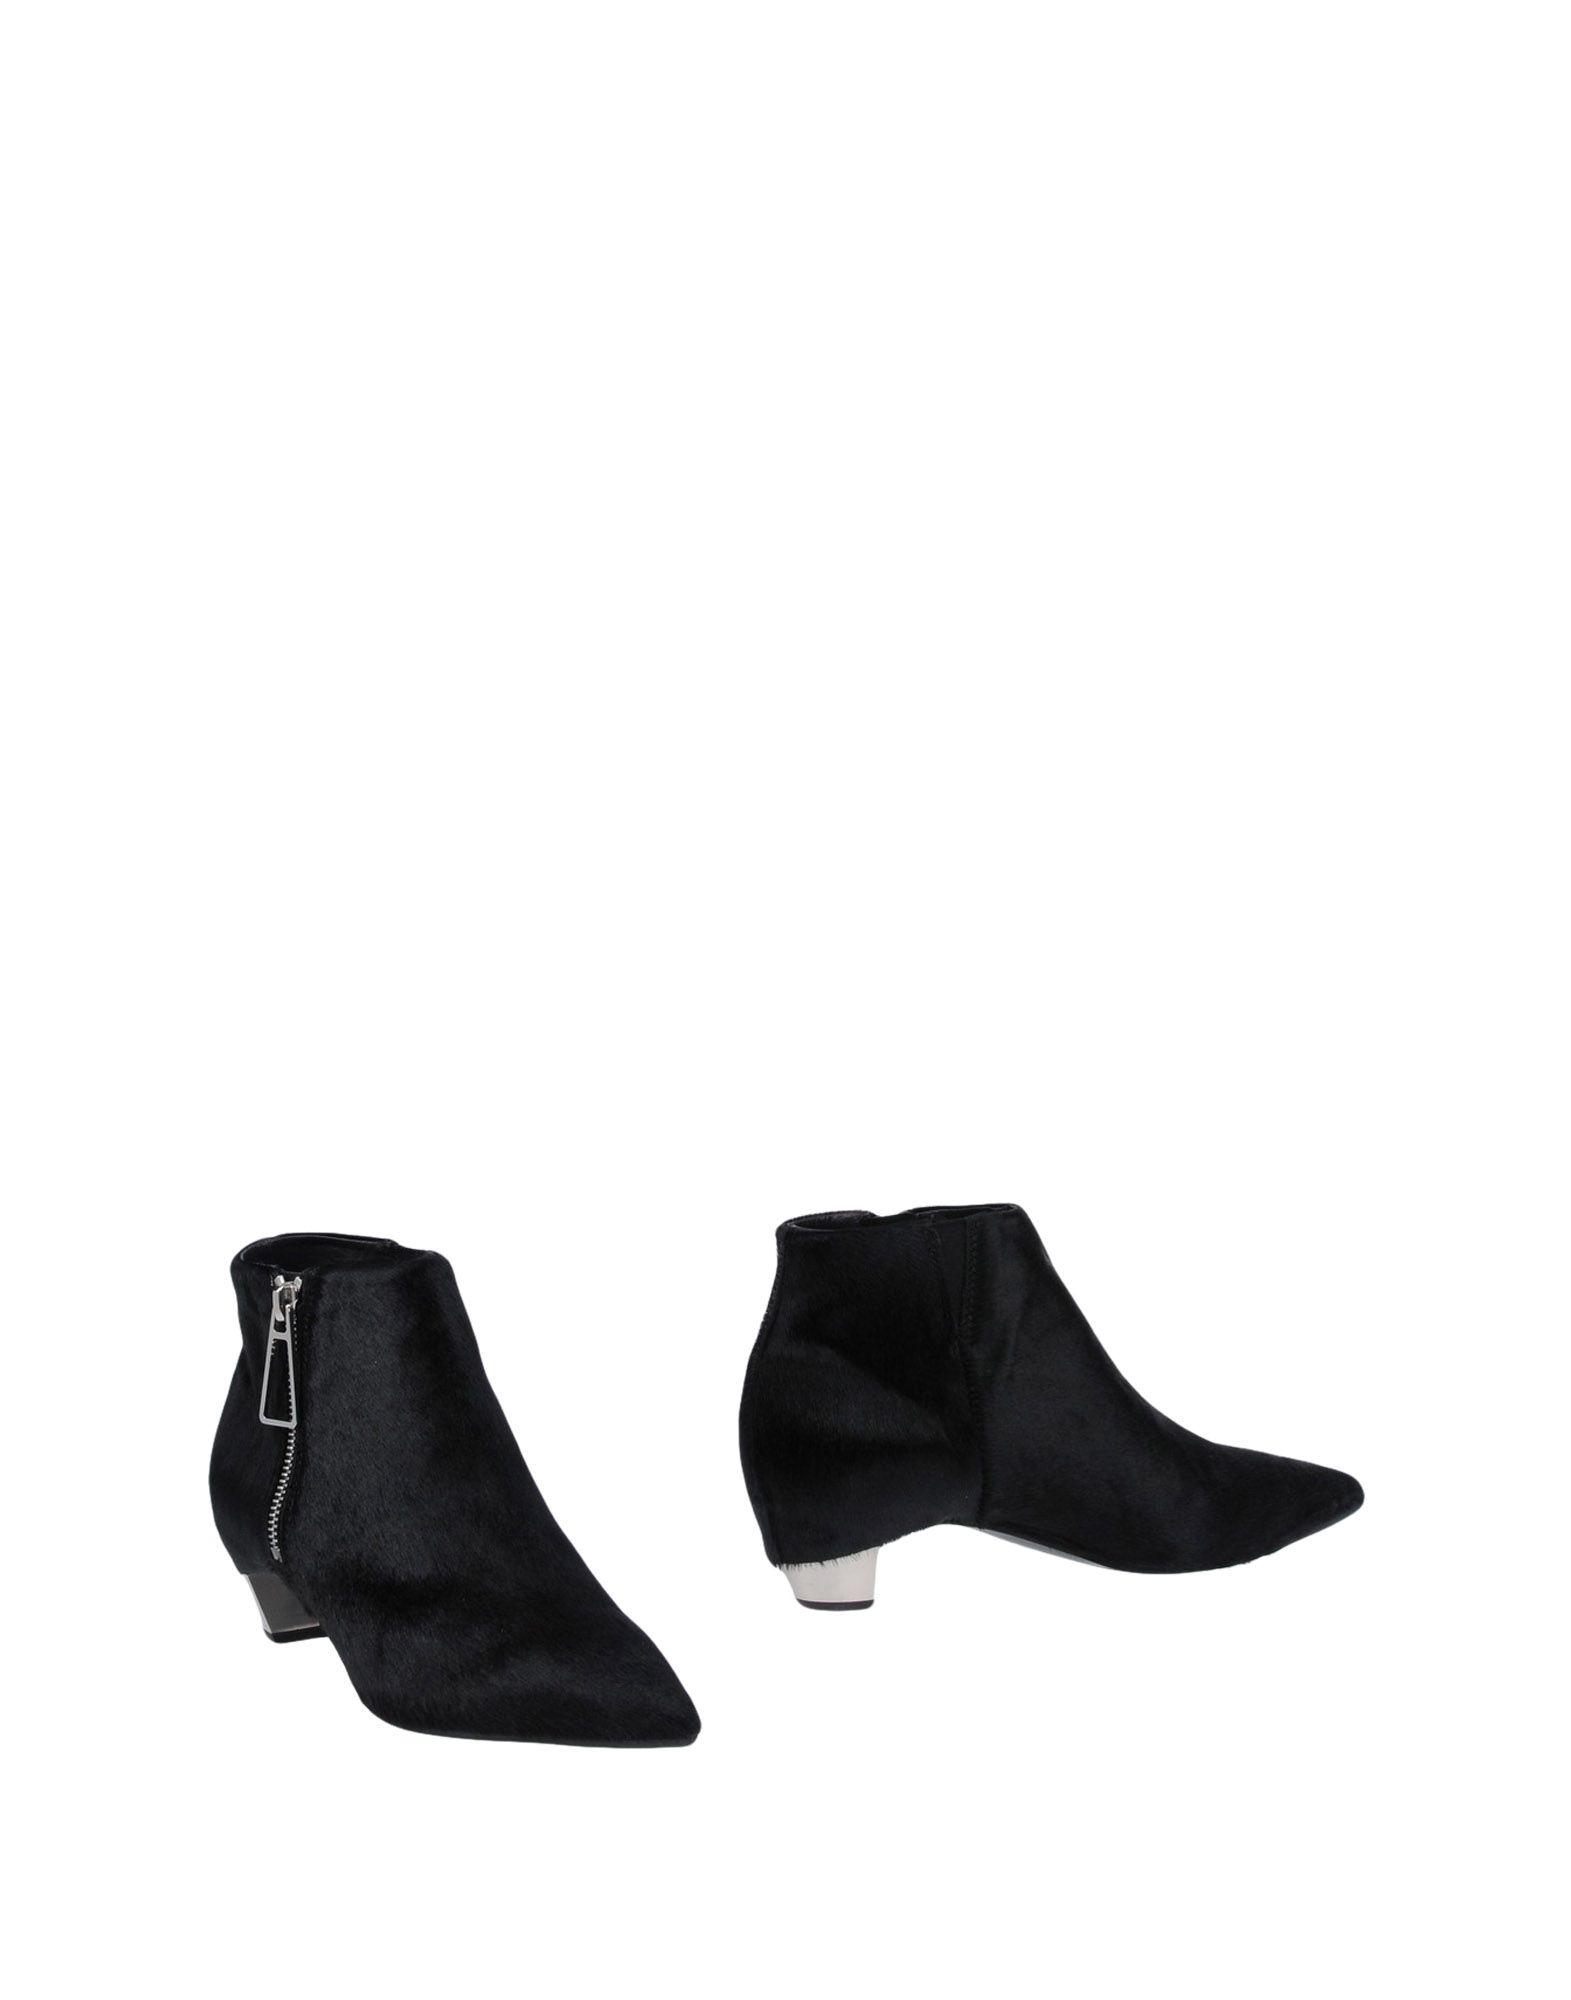 Vic Matiē Stiefelette Damen Schuhe  11457500HN Neue Schuhe Damen f88d5c